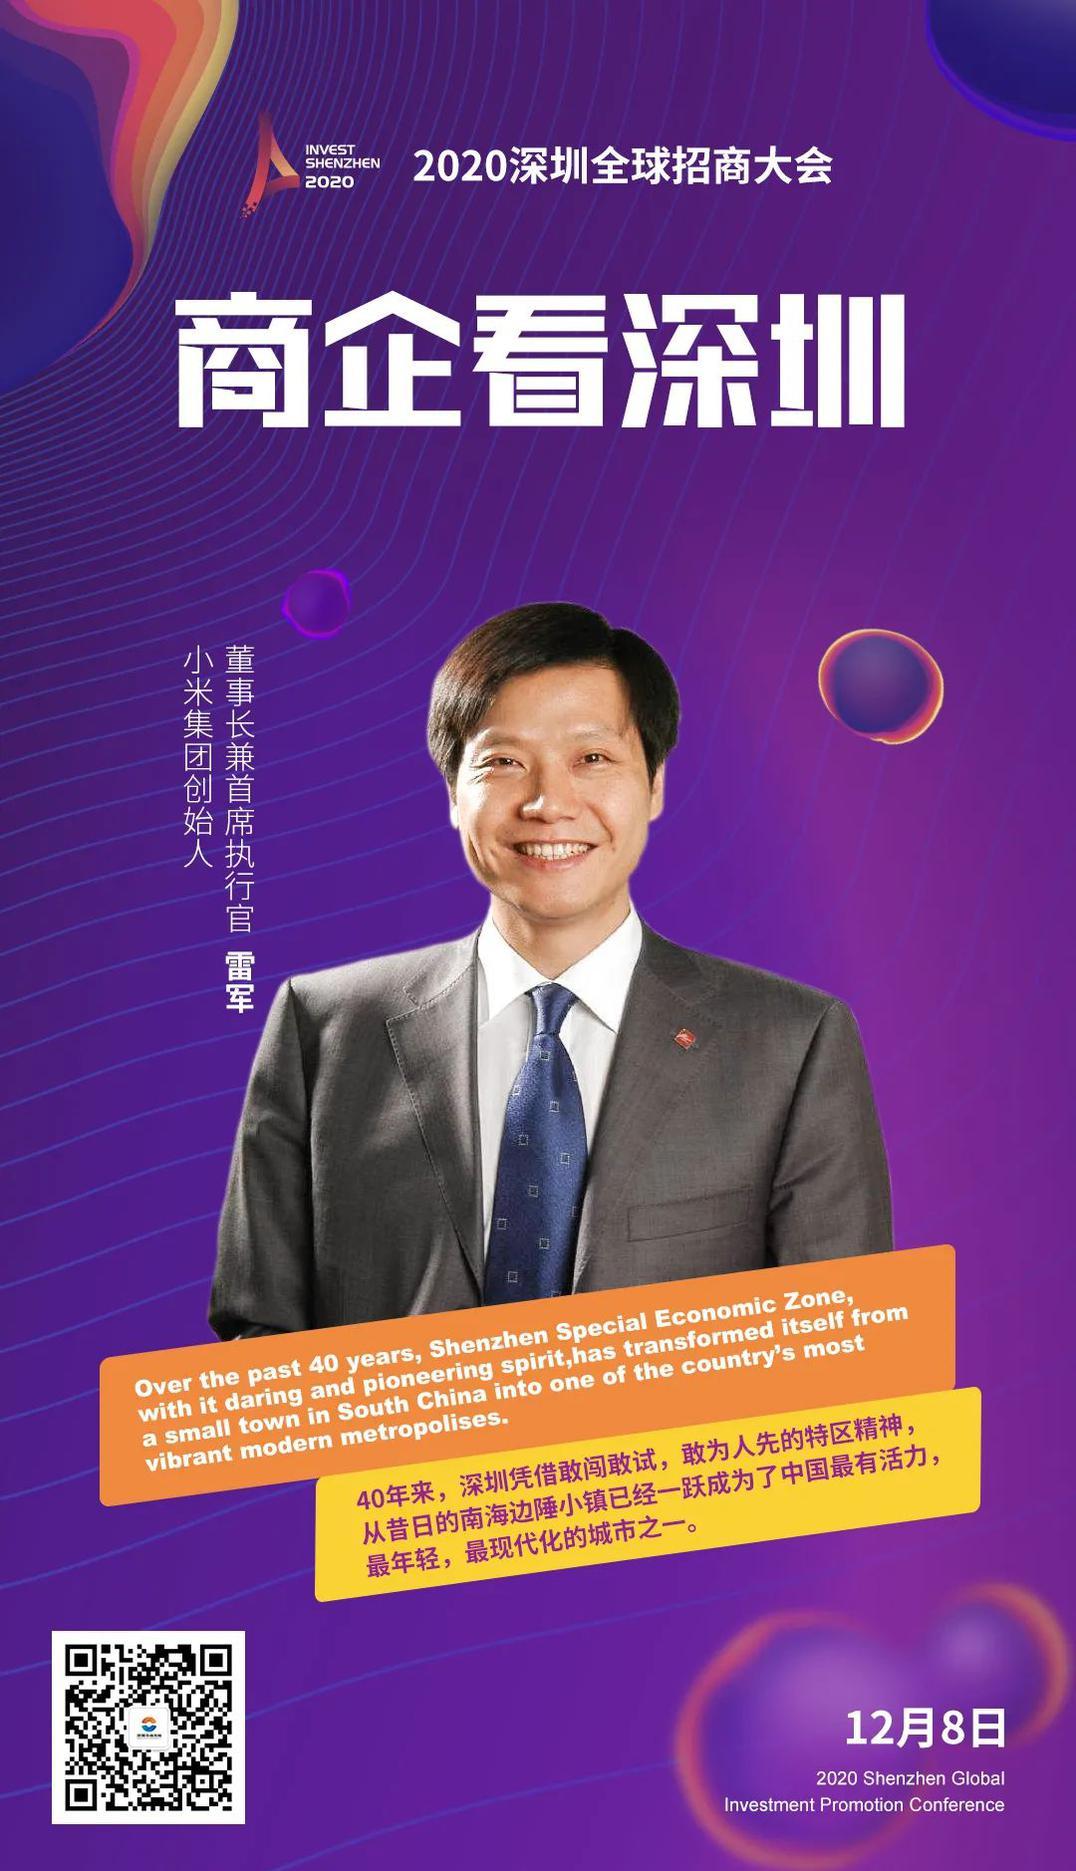 小米集团创始人、董事长兼首席执行官雷军